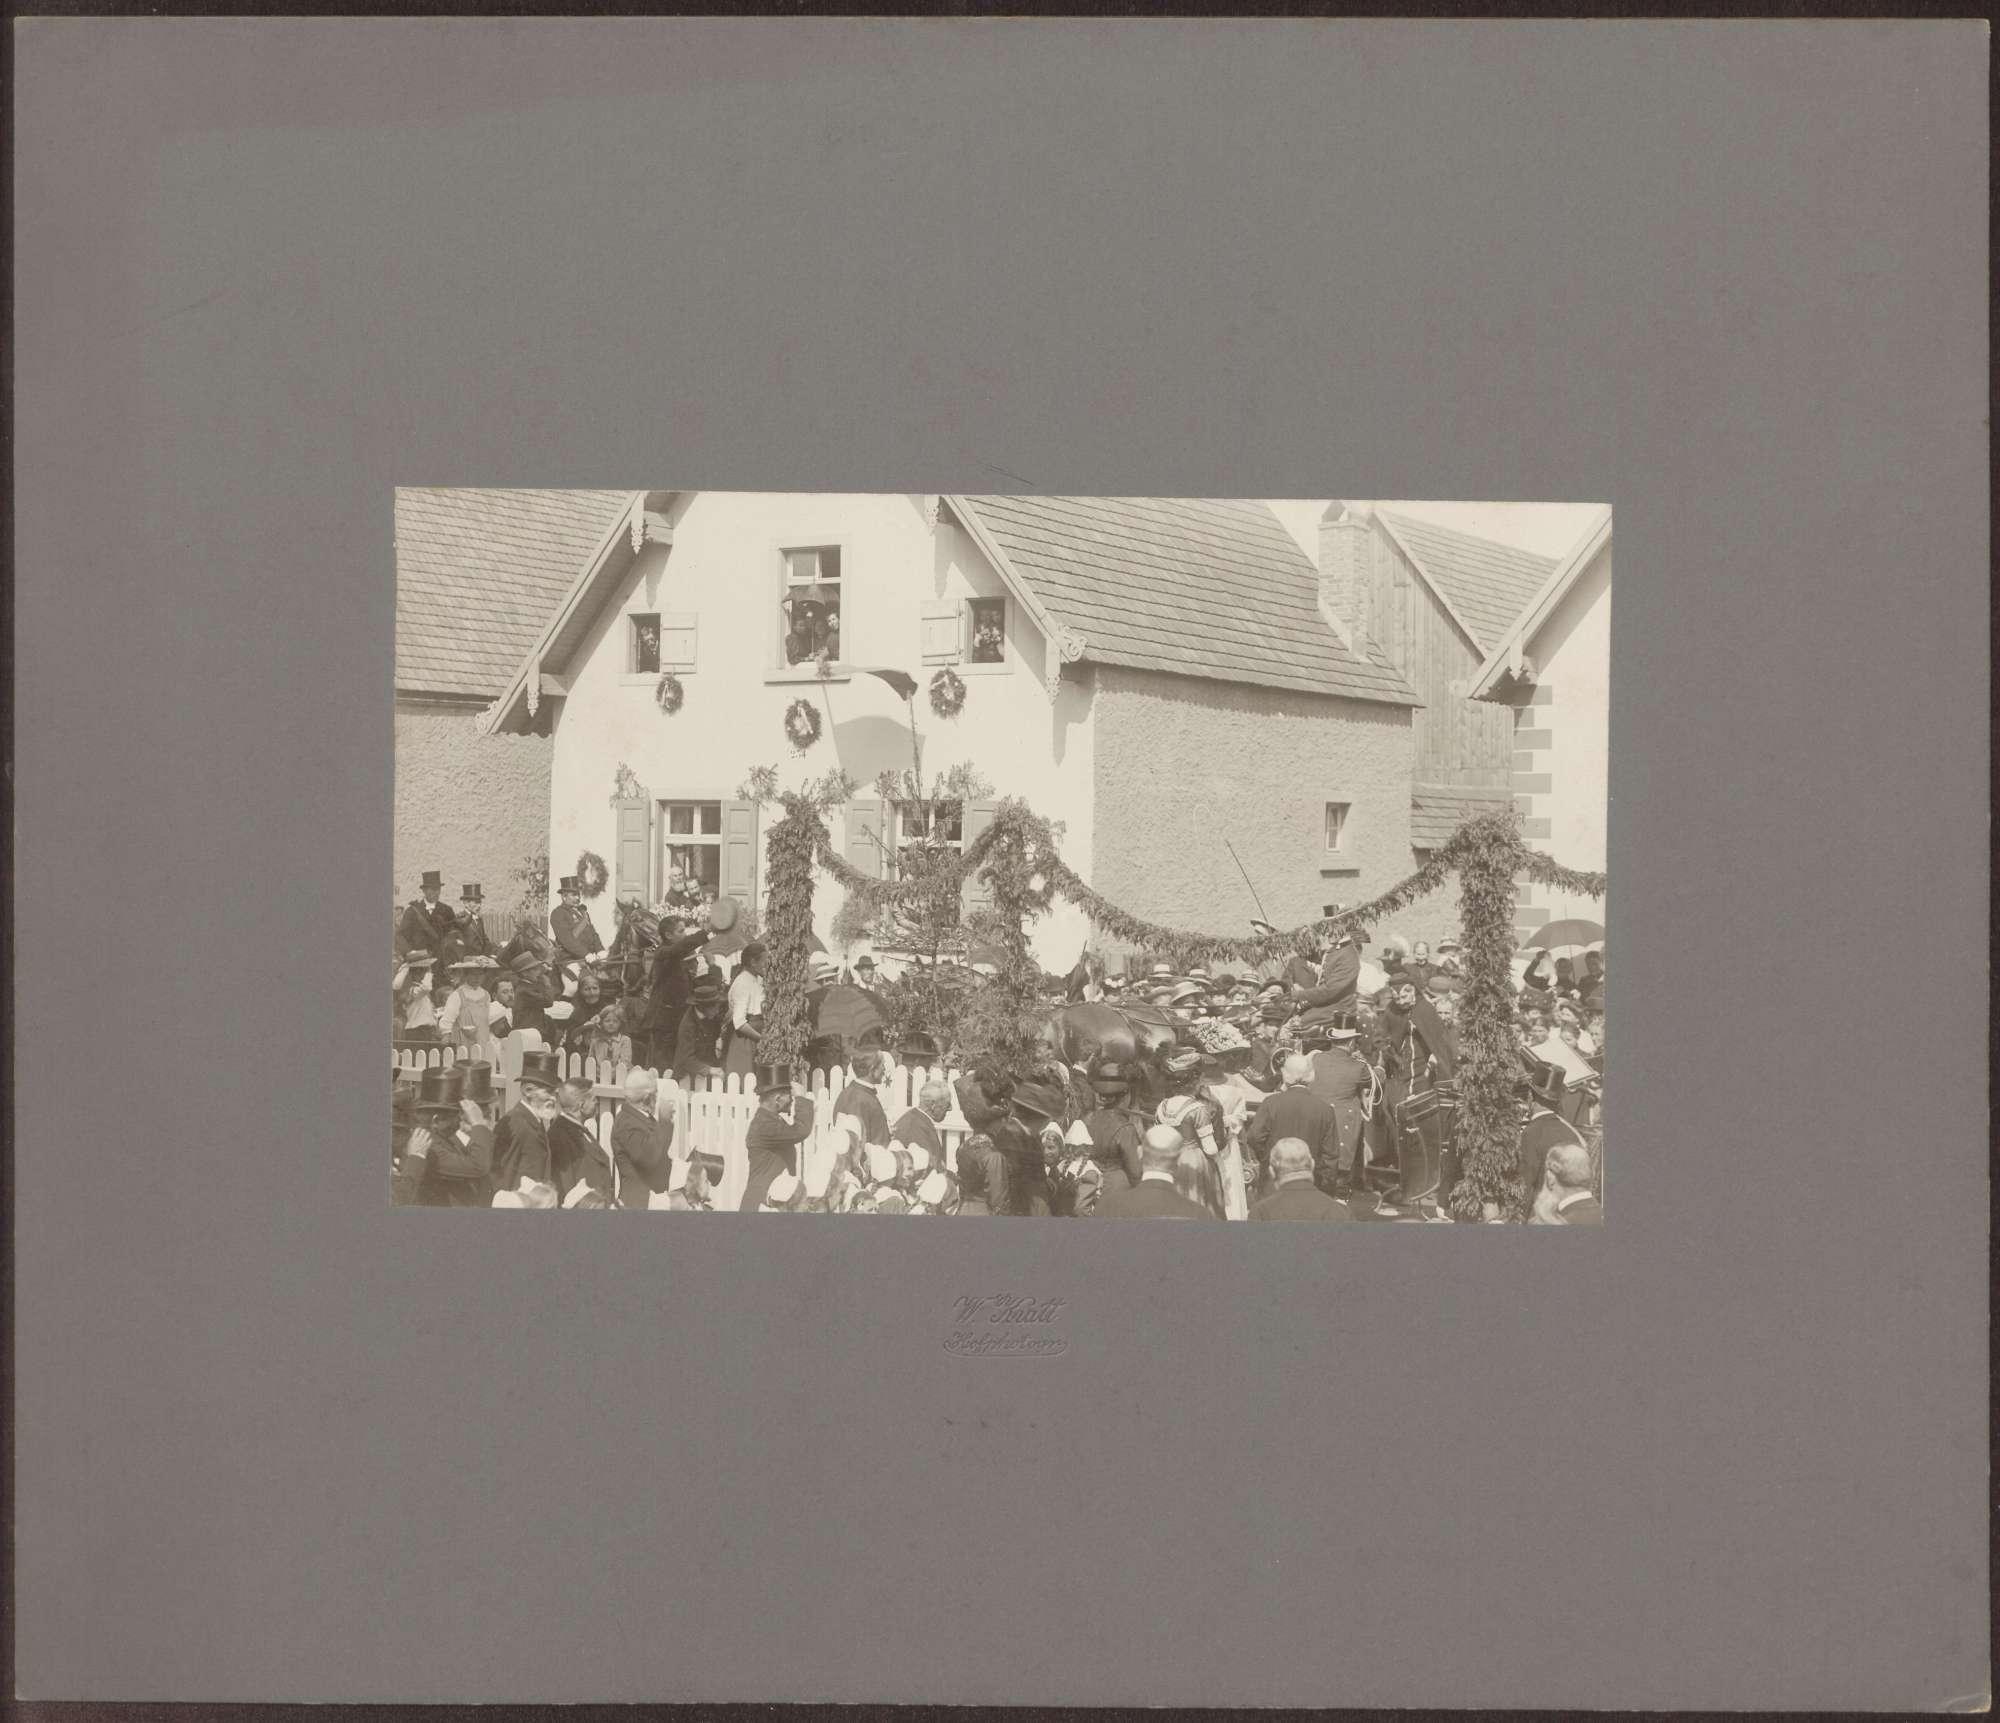 Großherzoginnen Luise und Hilda in Menschenmenge bei offener Kutsche., Bild 1